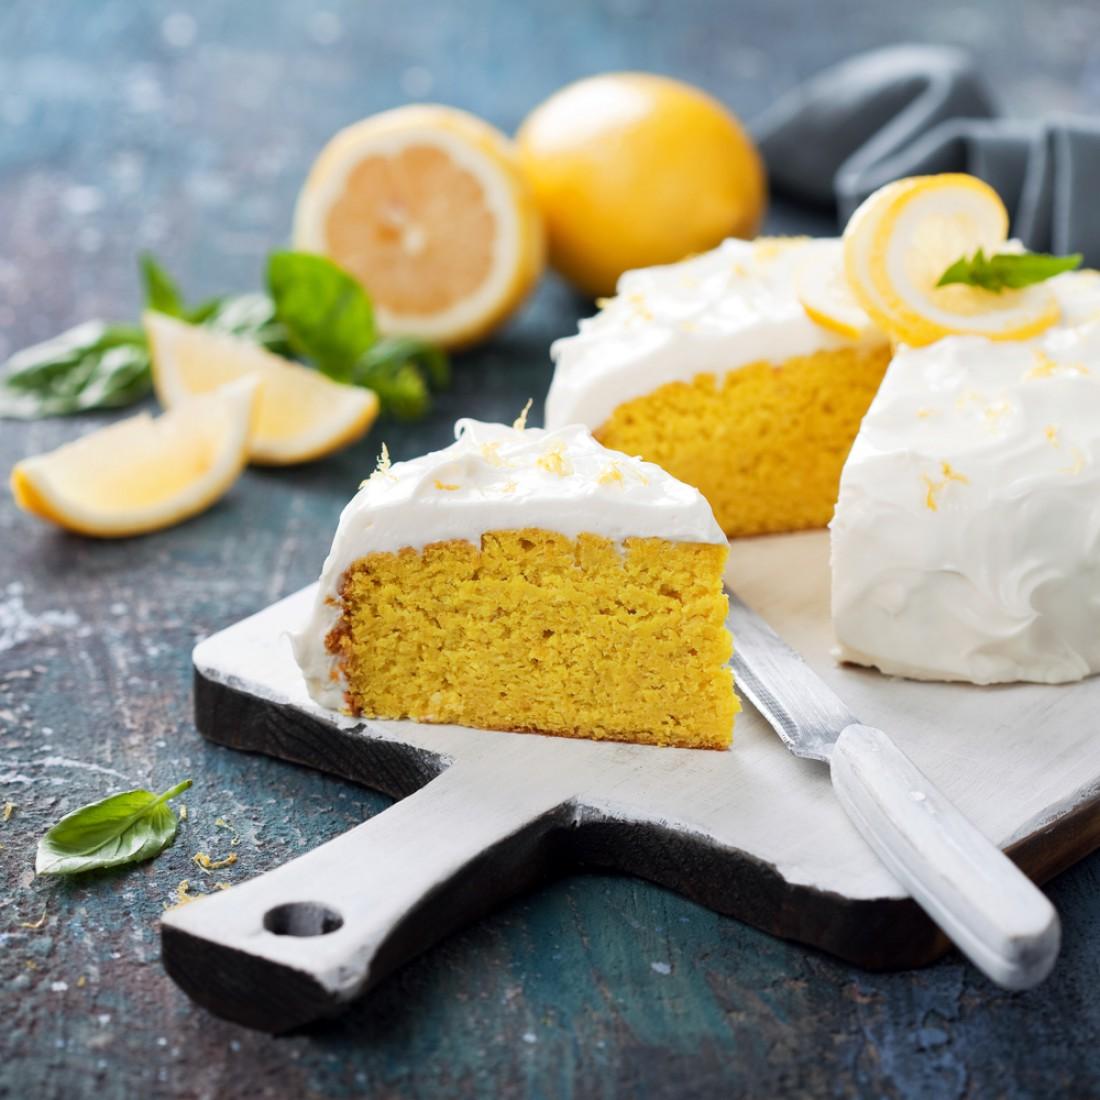 как сделать кекс без муки